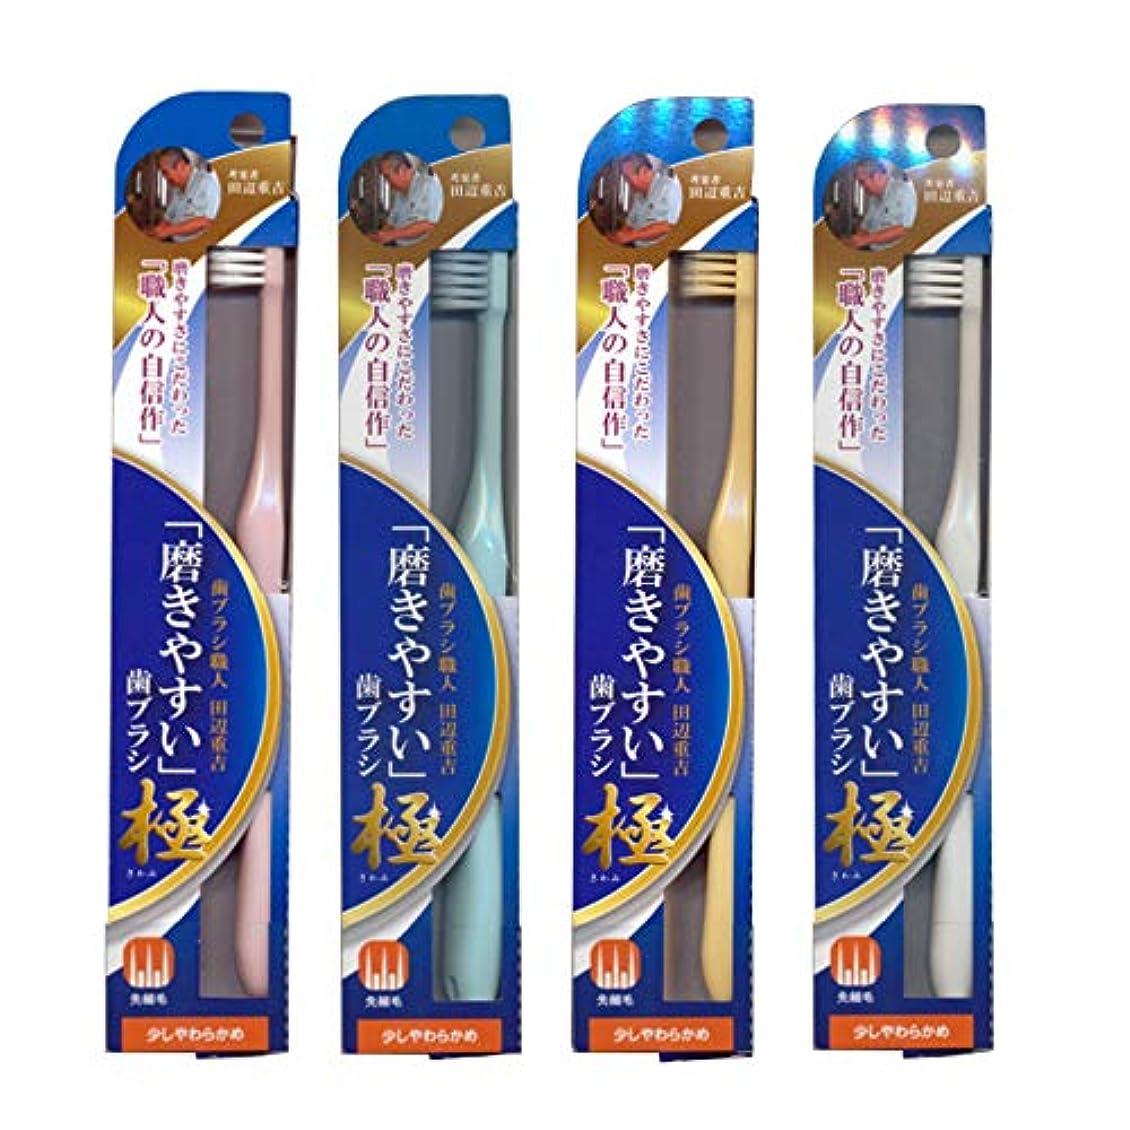 本鎮痛剤反対した磨きやすい歯ブラシ極 (少し柔らかめ) LT-43×4本セット(ピンク×1、ブルー×1、ホワイト×1、イエロー×1) 先細毛